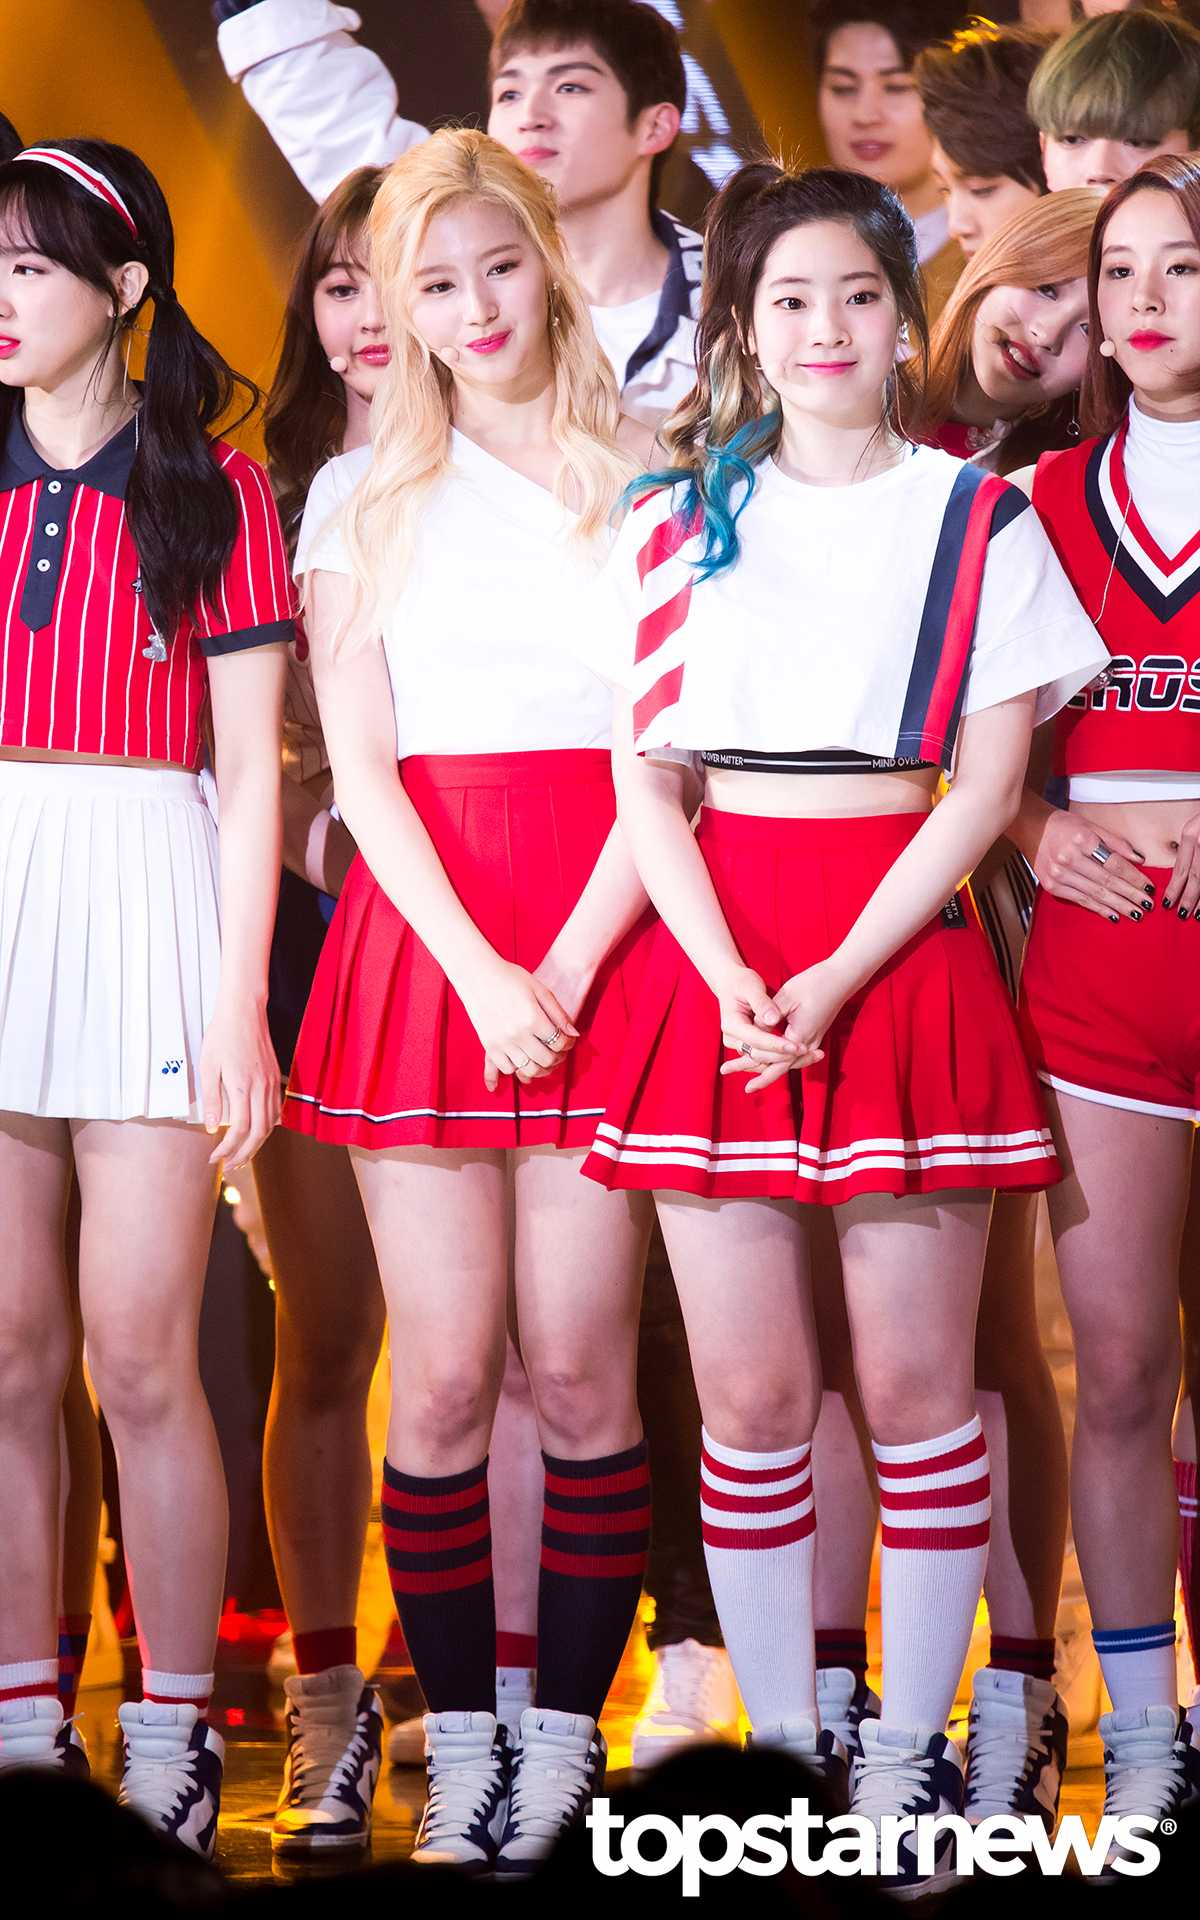 不只先前TWICE曾被韓國網友票選為「全隊都漂亮」的組合,如果你曾看過他們家人的照片,絕對會發現成員們的美絕對是來自己「神基因」的力量啊!